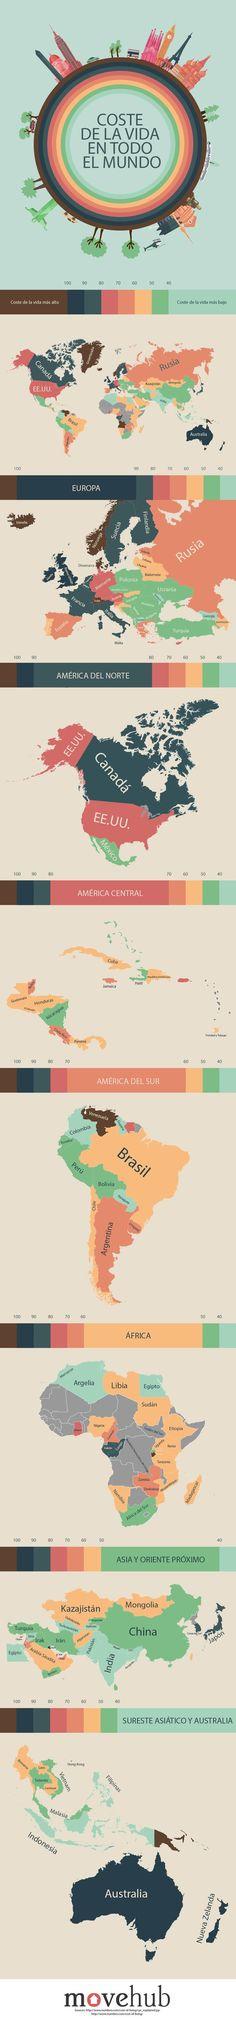 El coste de la vida en todo el Mundo #infografia #infographic #tourism